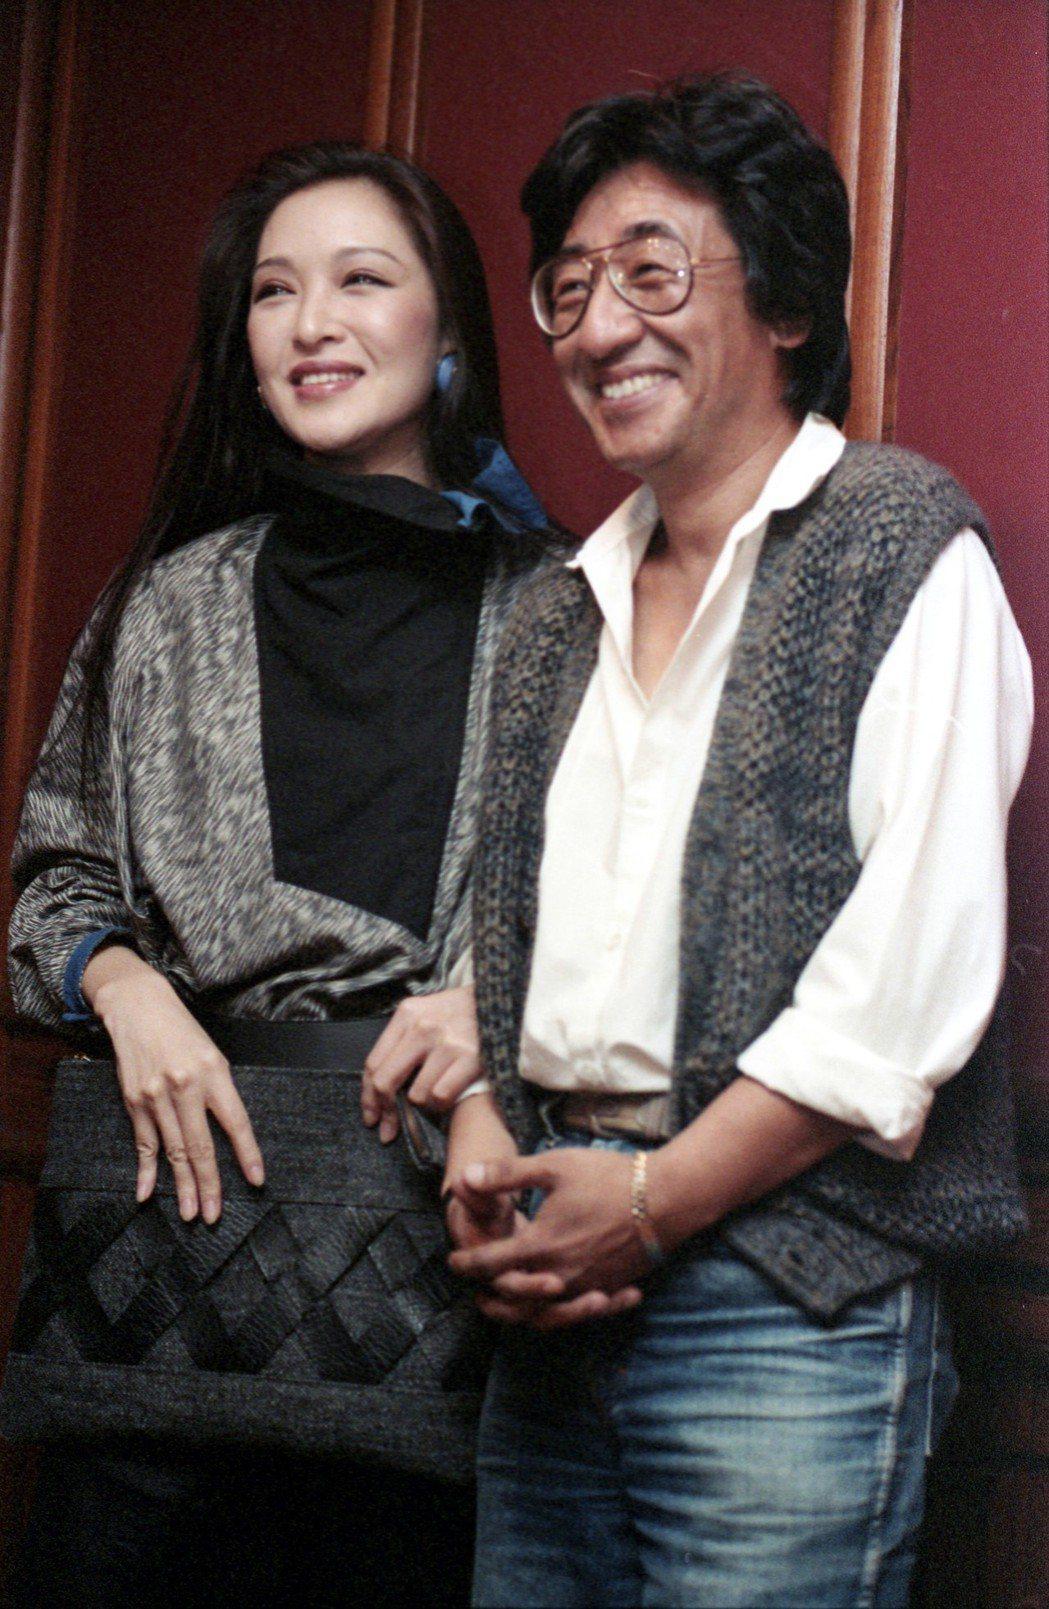 1983年「亞太影展頒獎典禮及亞太之夜」,胡茵夢(左)與孫越(右)。圖/聯合報系...